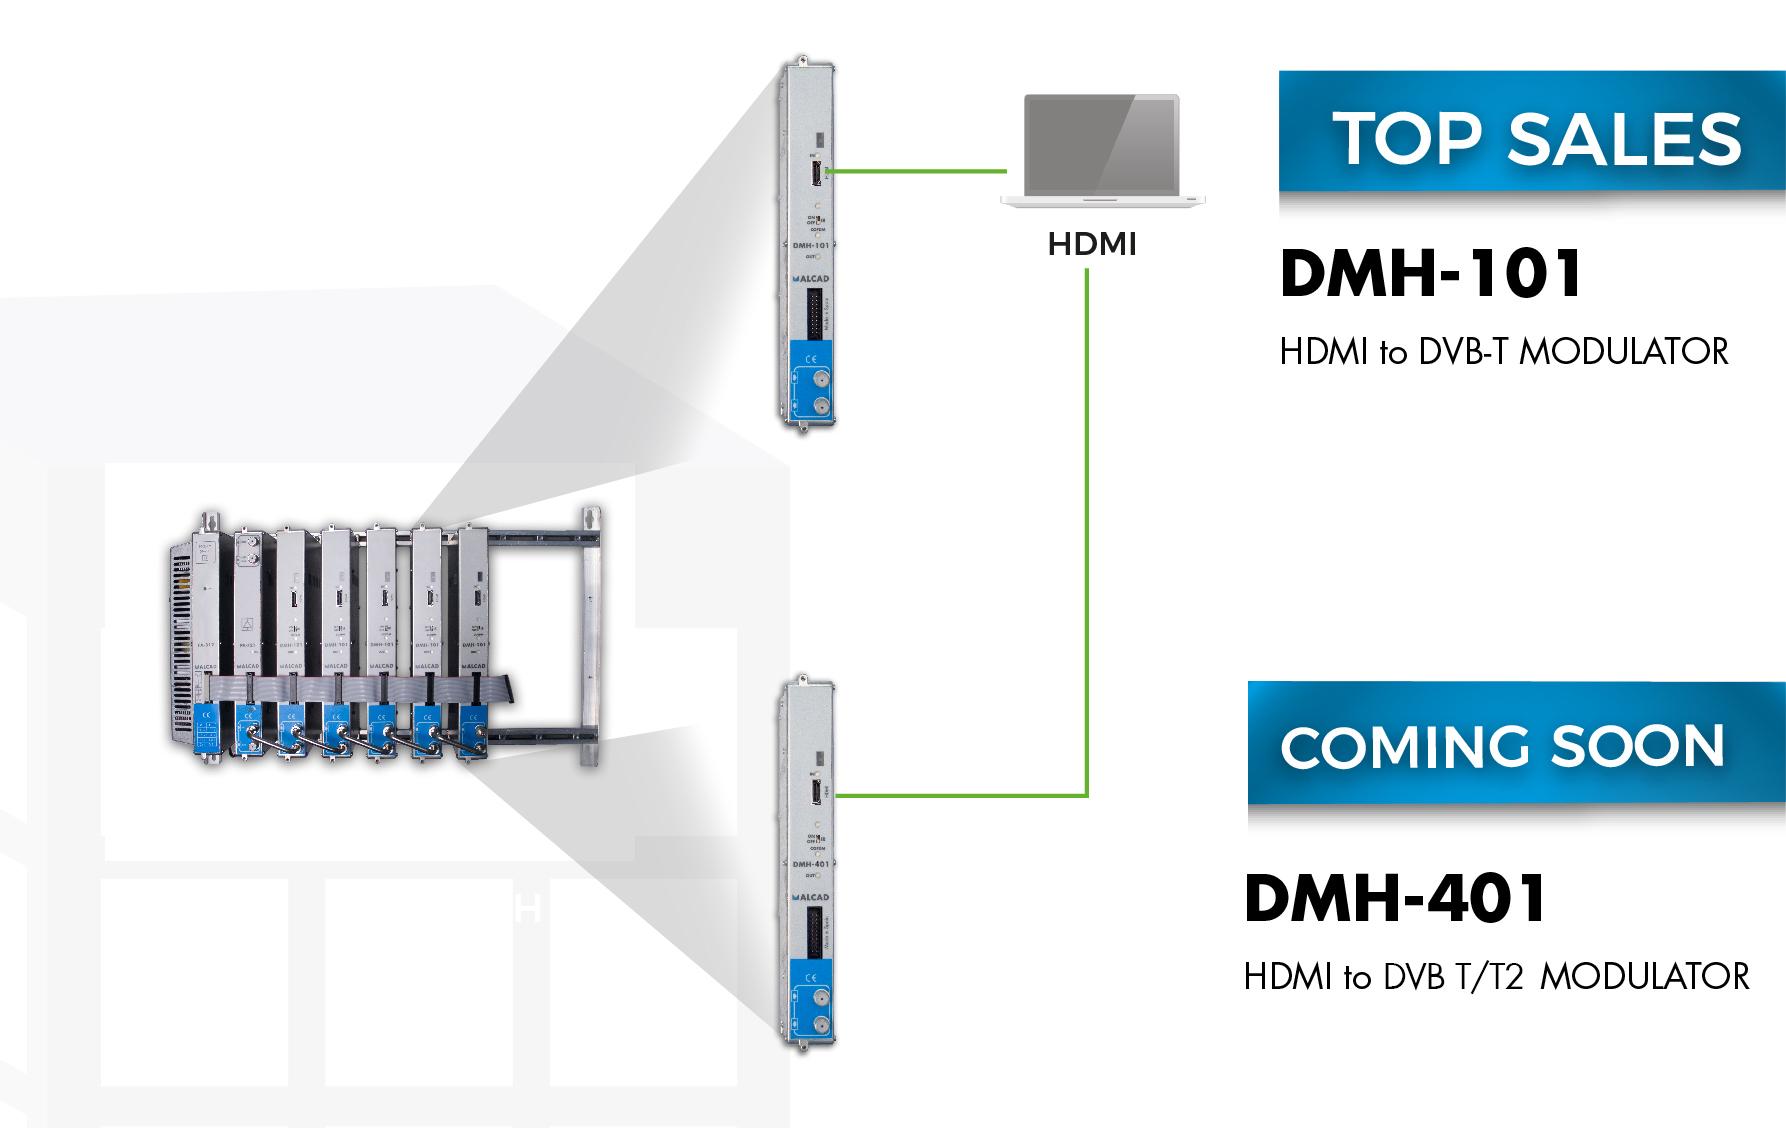 DMH-401, nuevo modulador de HDMI a DVB-T/T2